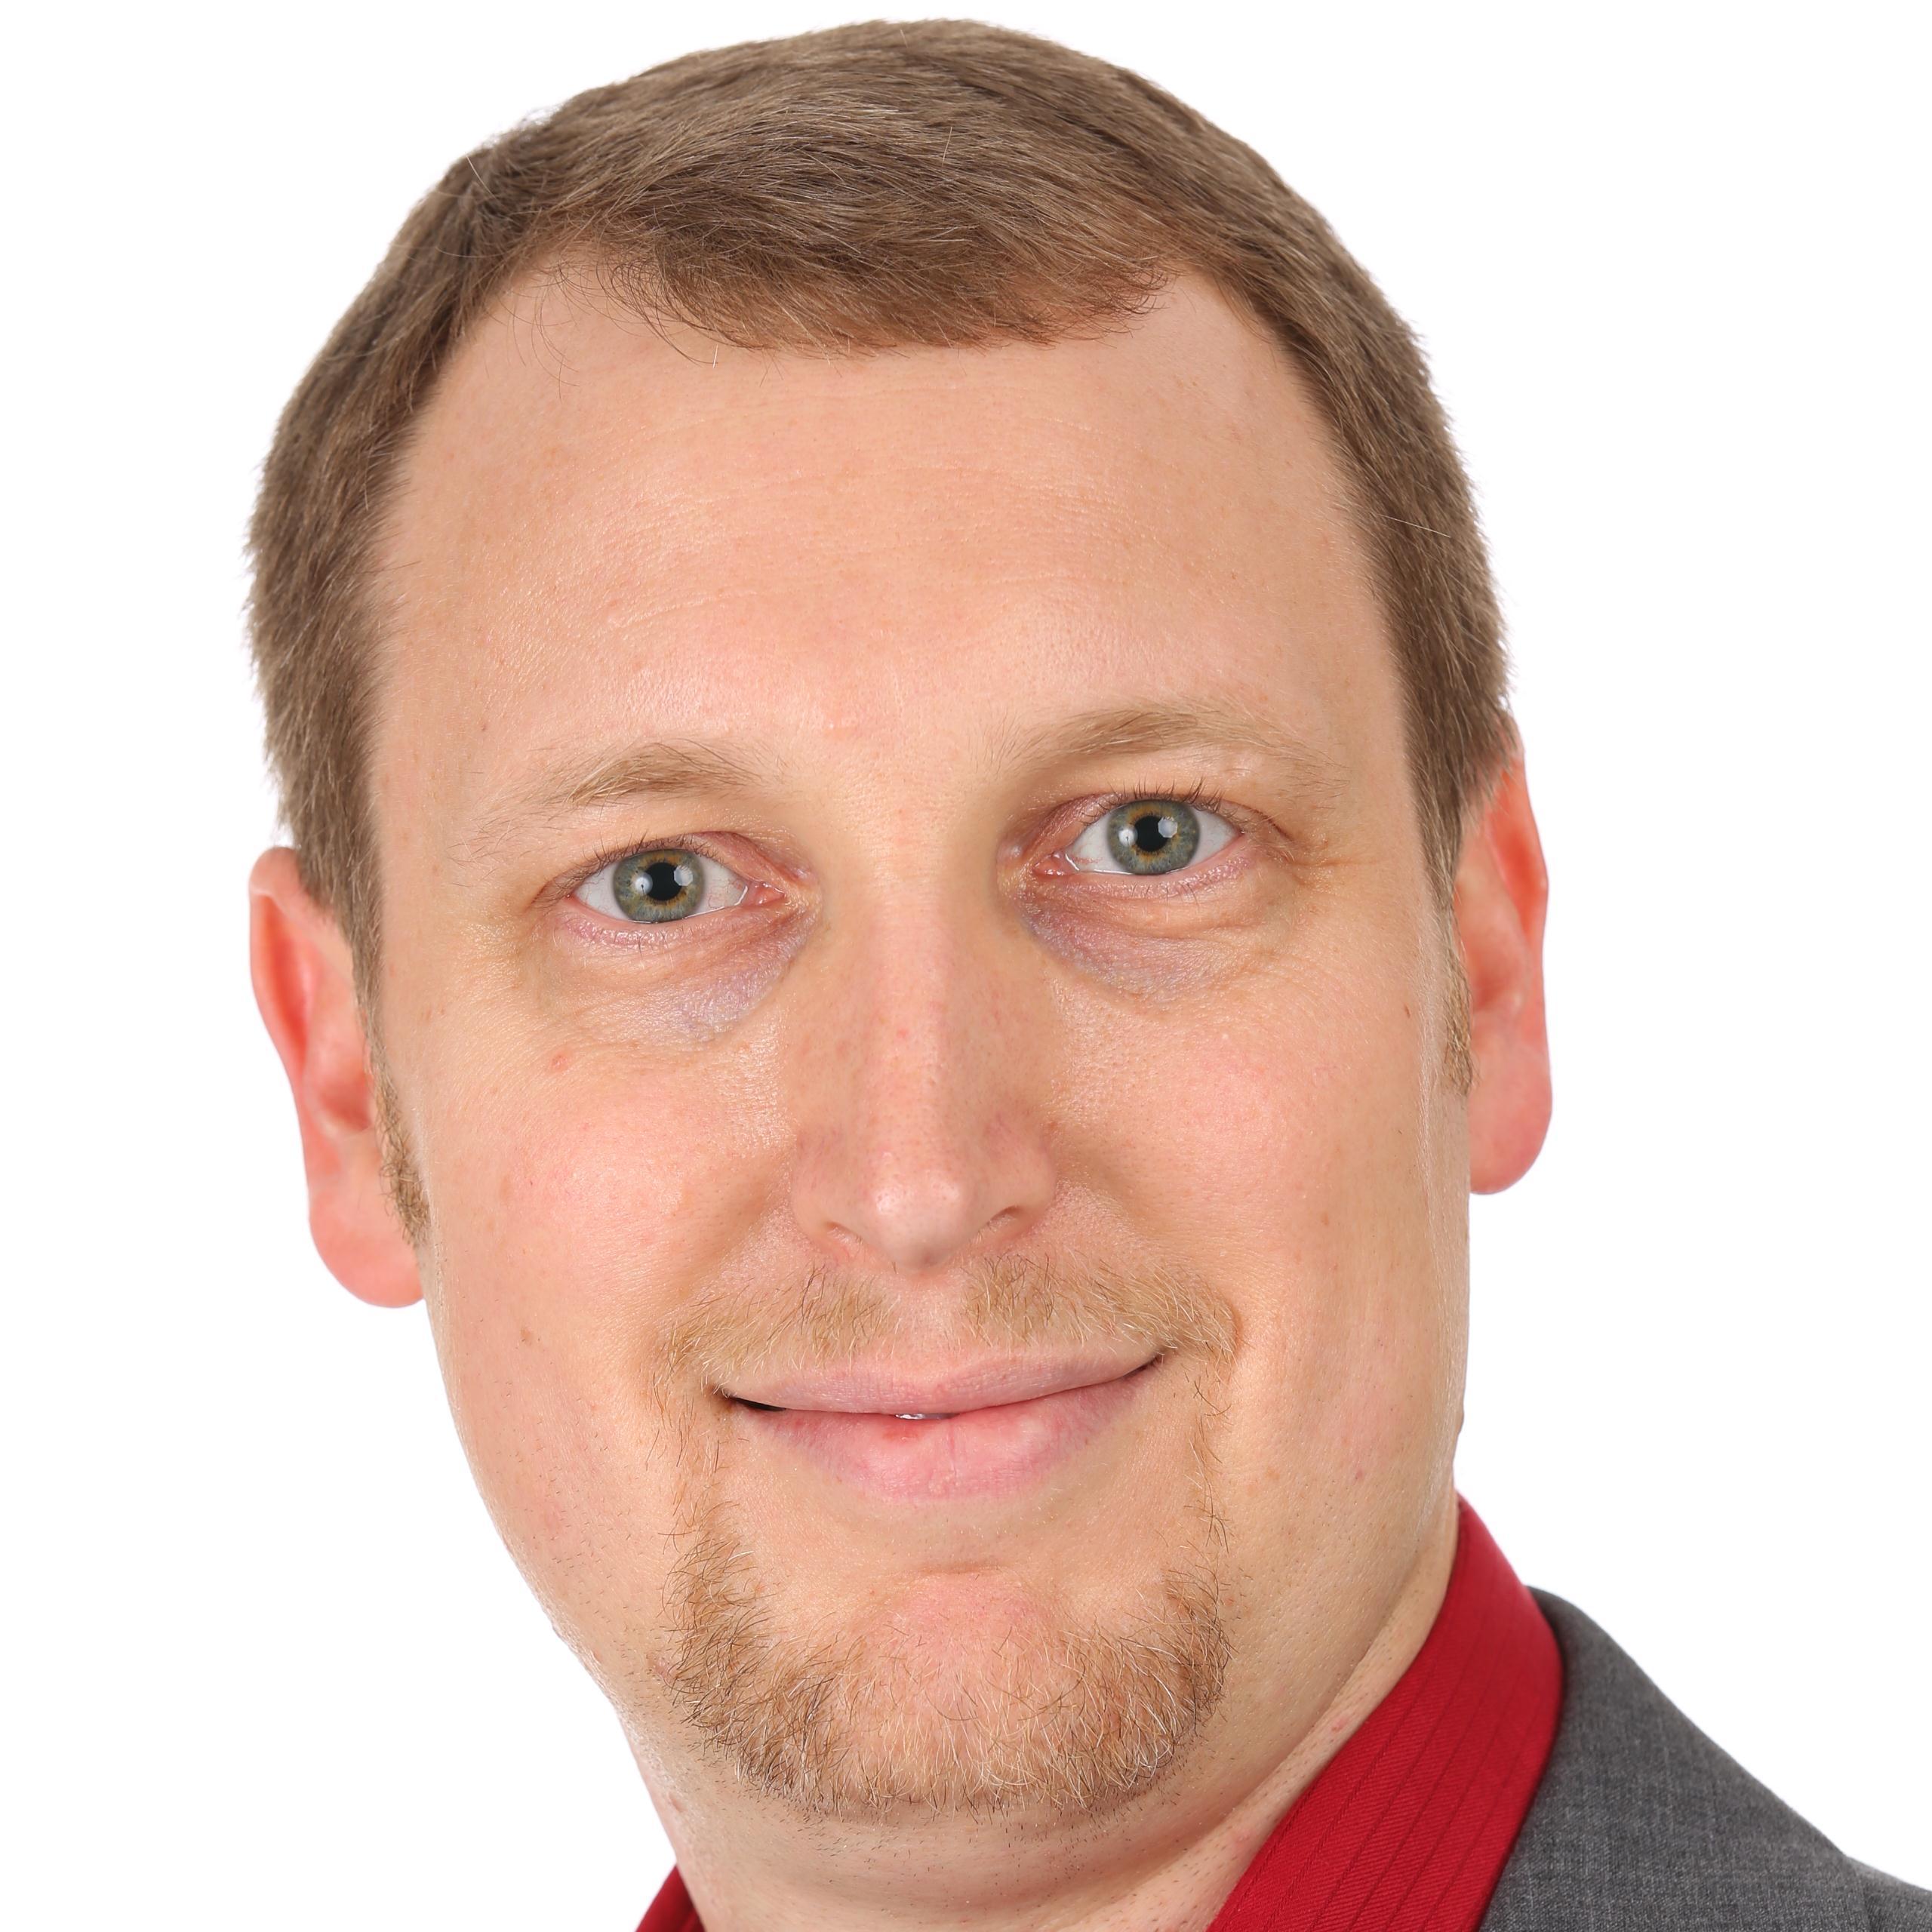 Christopher Taylor GLEN6755.JPG